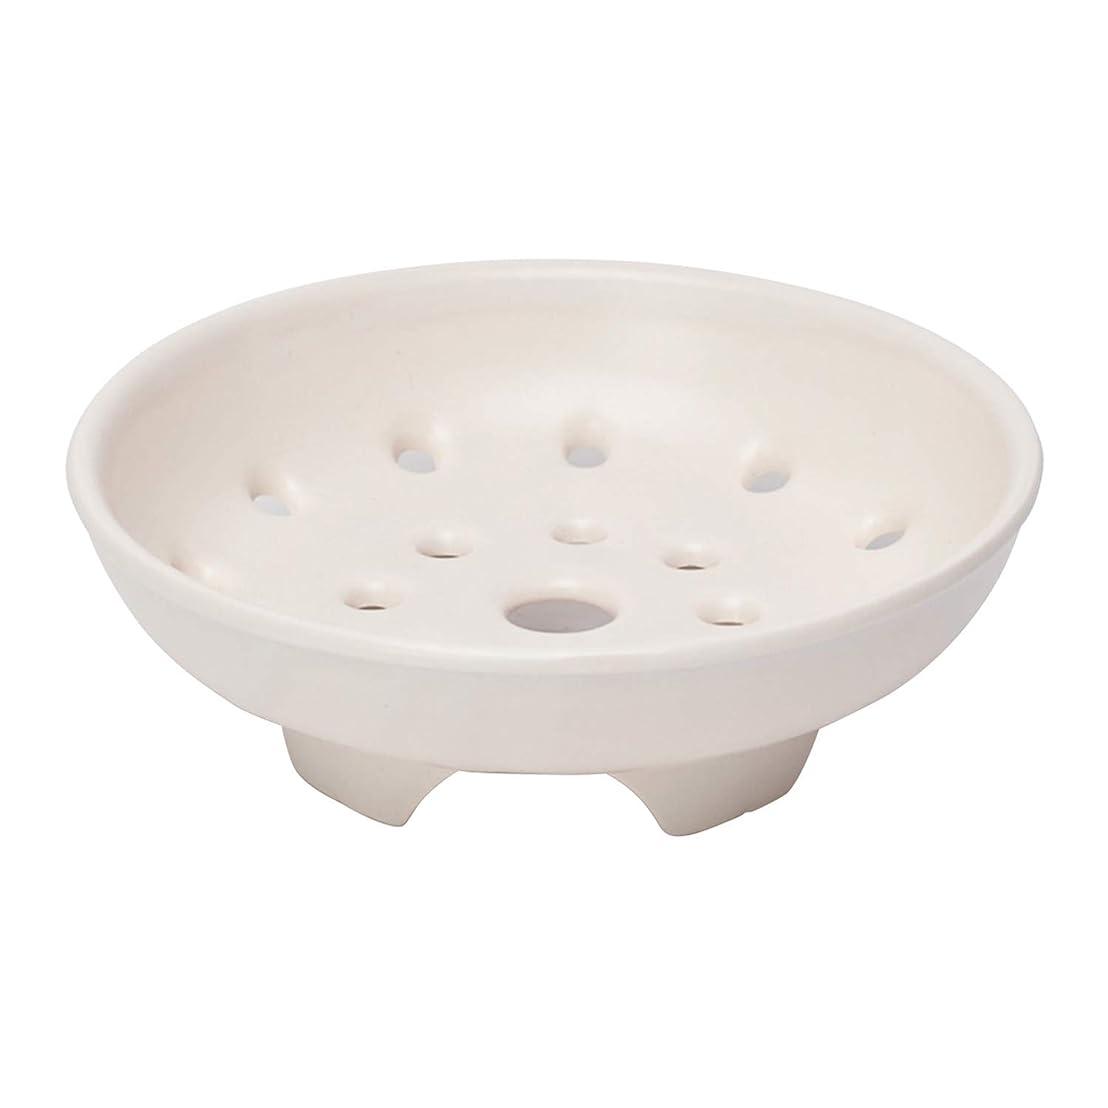 ヘビースキッパーはげ佐治陶器 蒸し器 白 15cm 萬古焼 高台蒸し スノコ 6号用 12-800